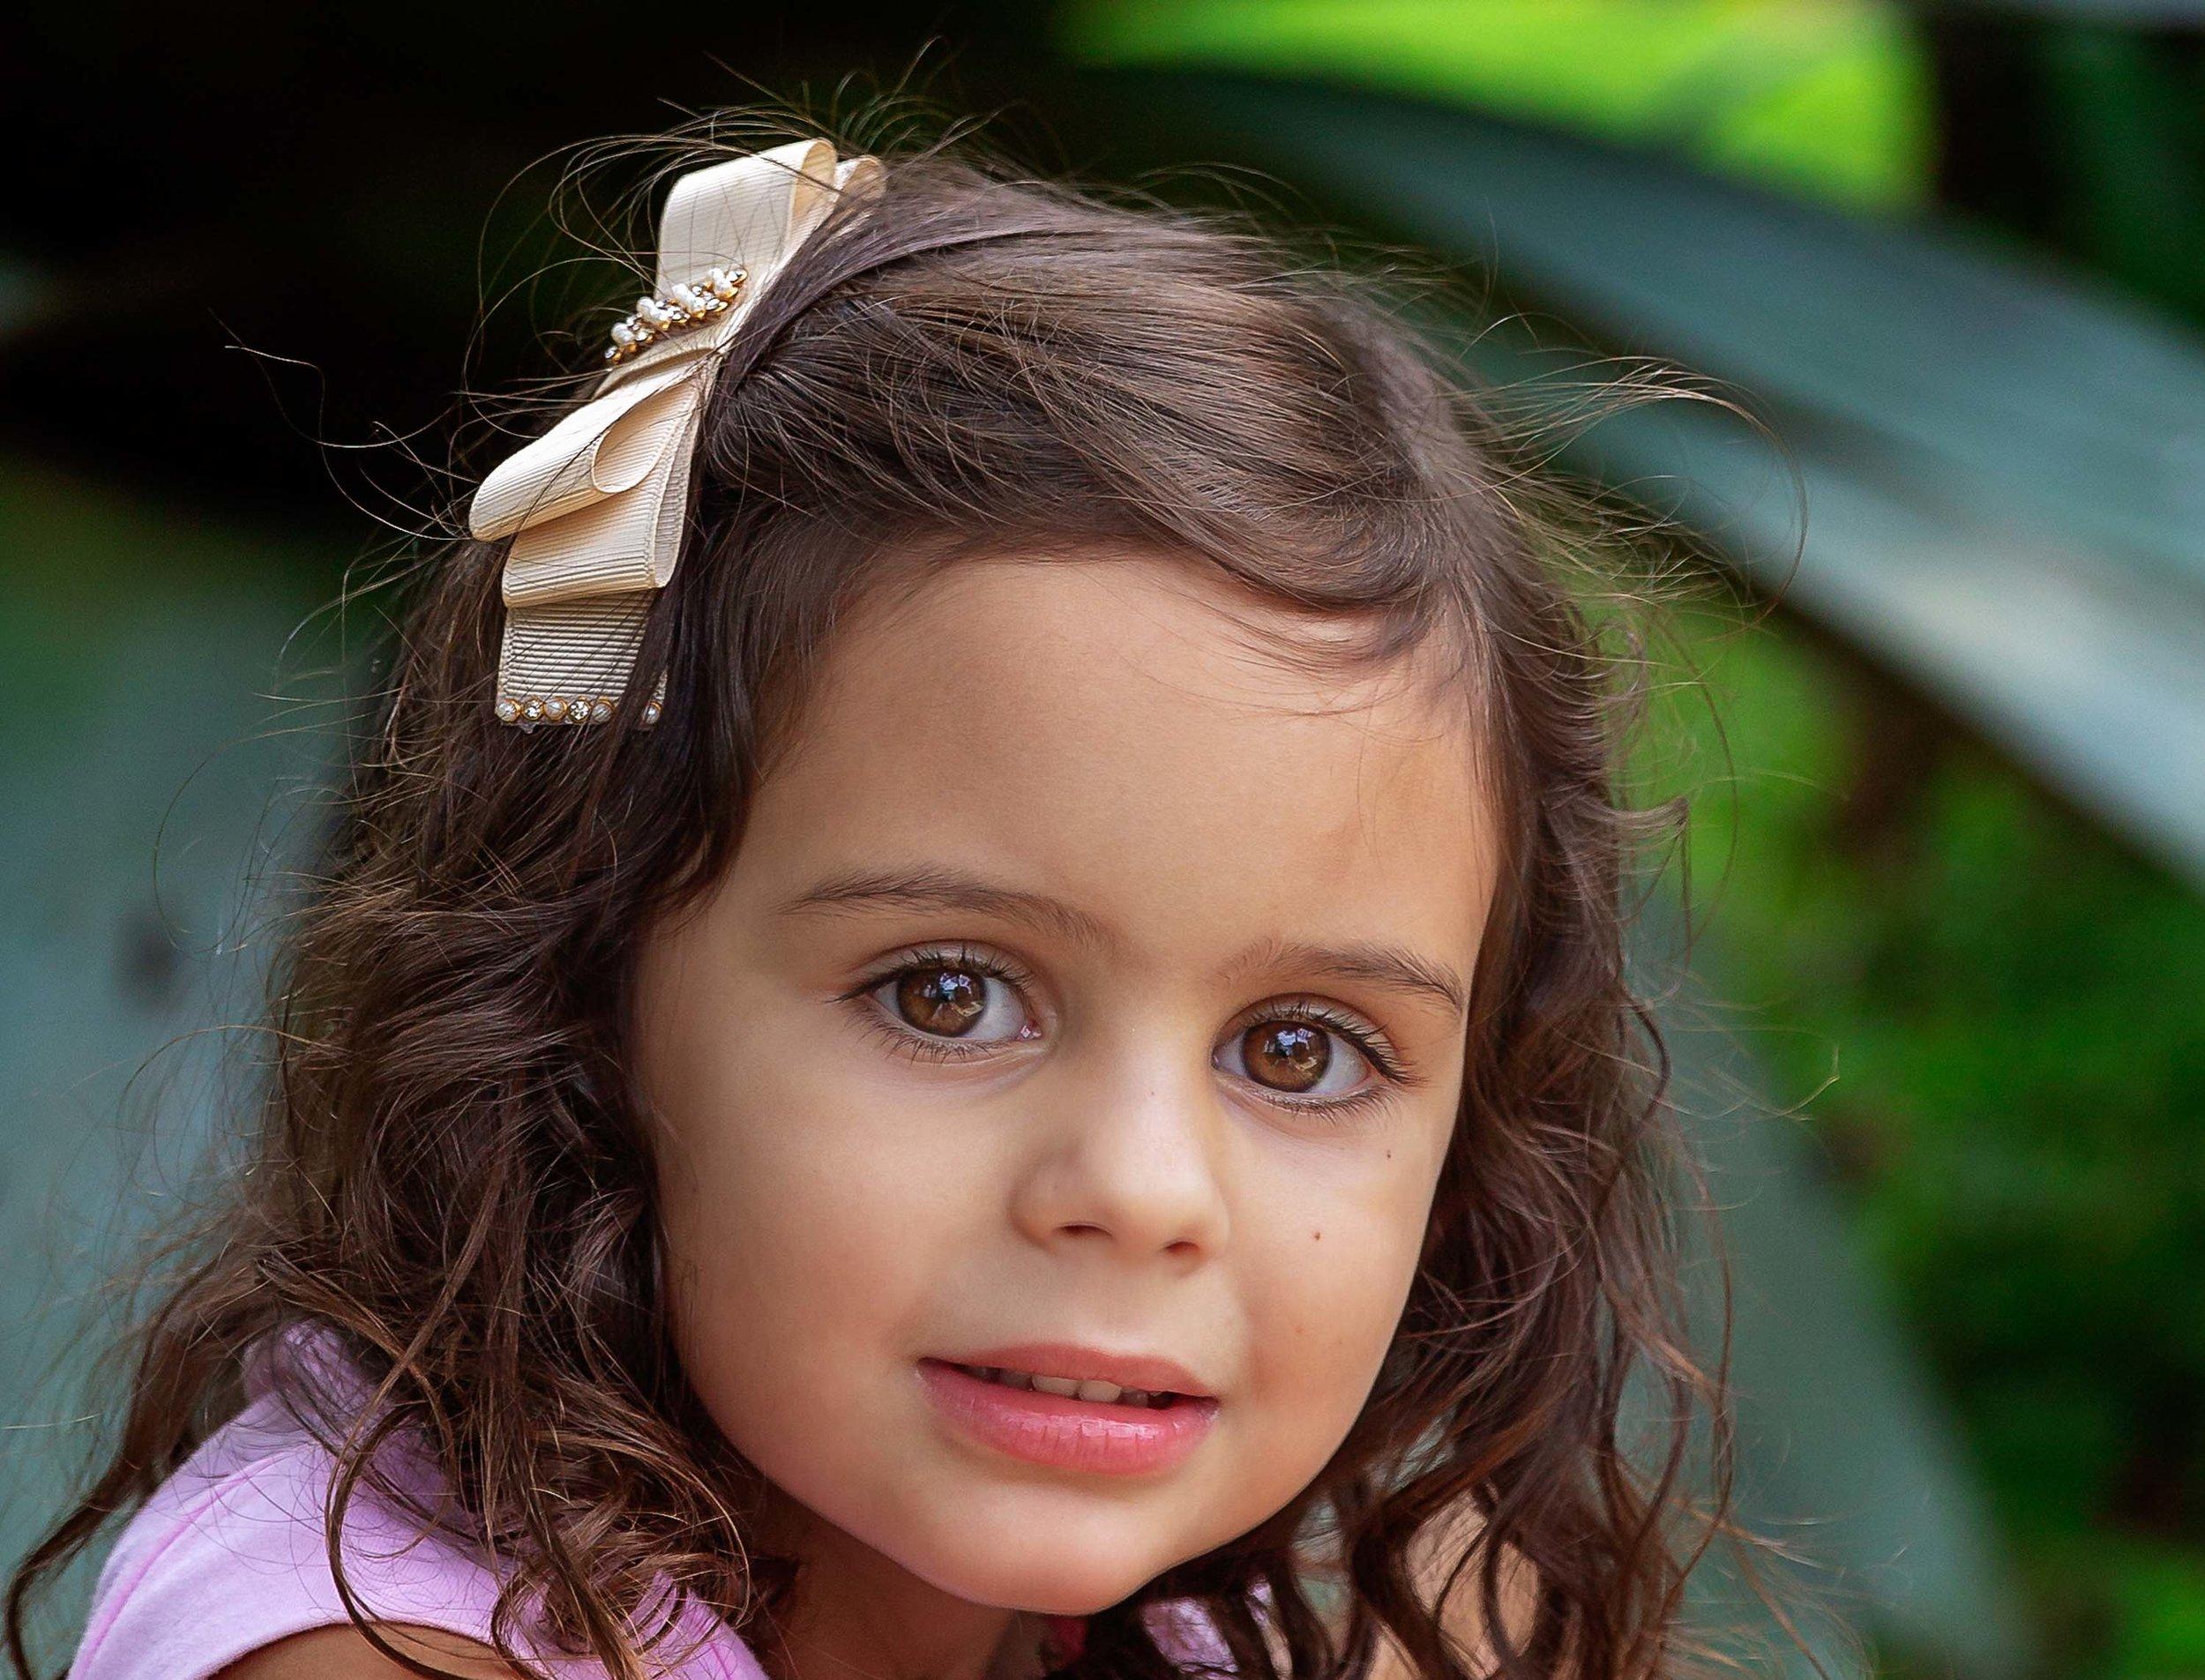 sweet-beautiful-little-girl-portrait.jpg